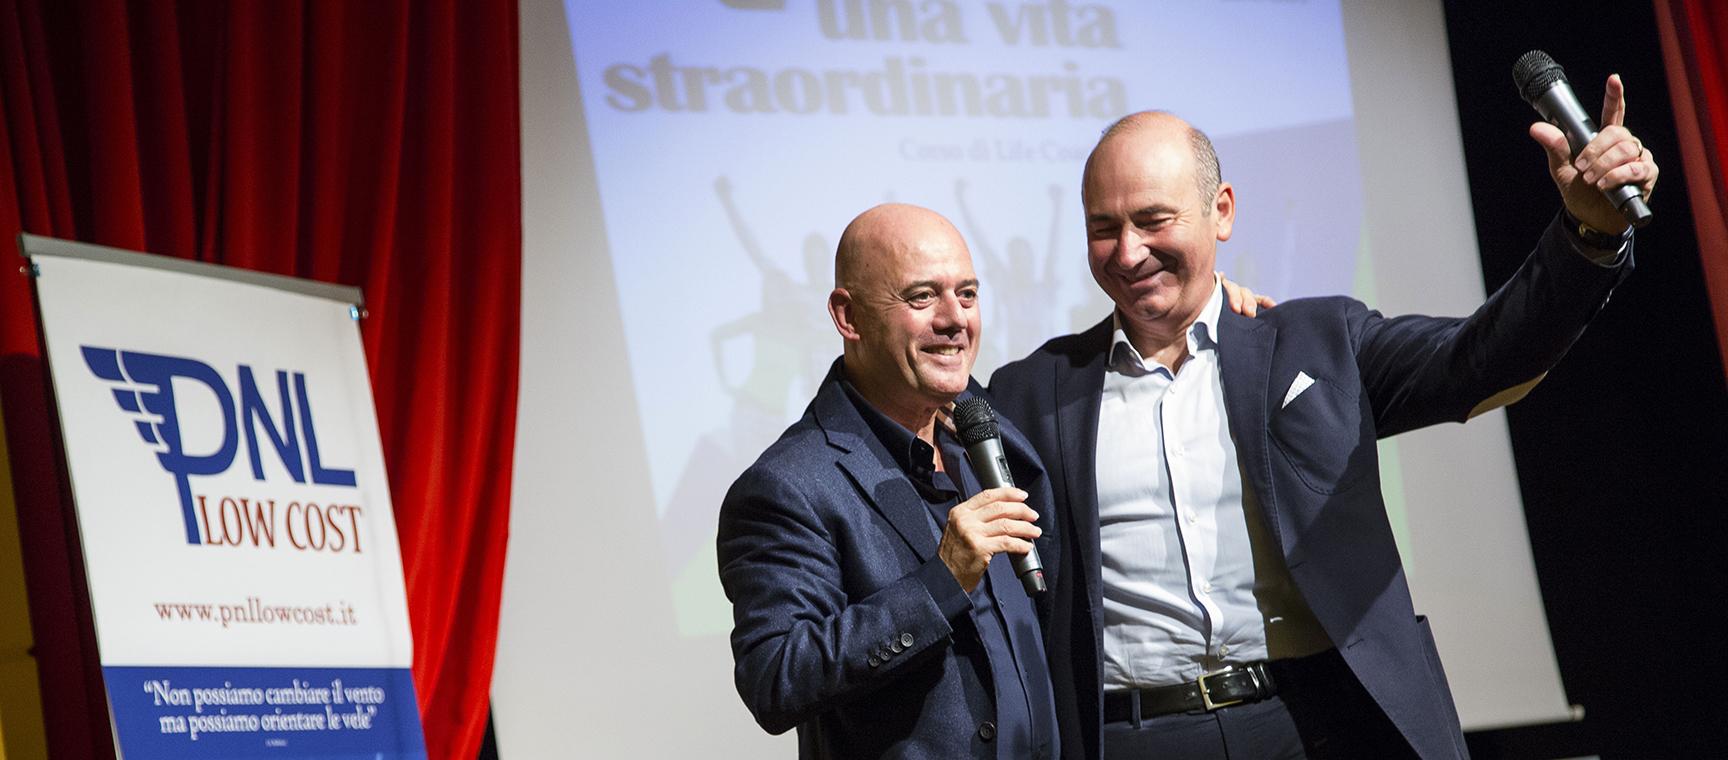 1-Allegato_-Sergio-e-Graziano